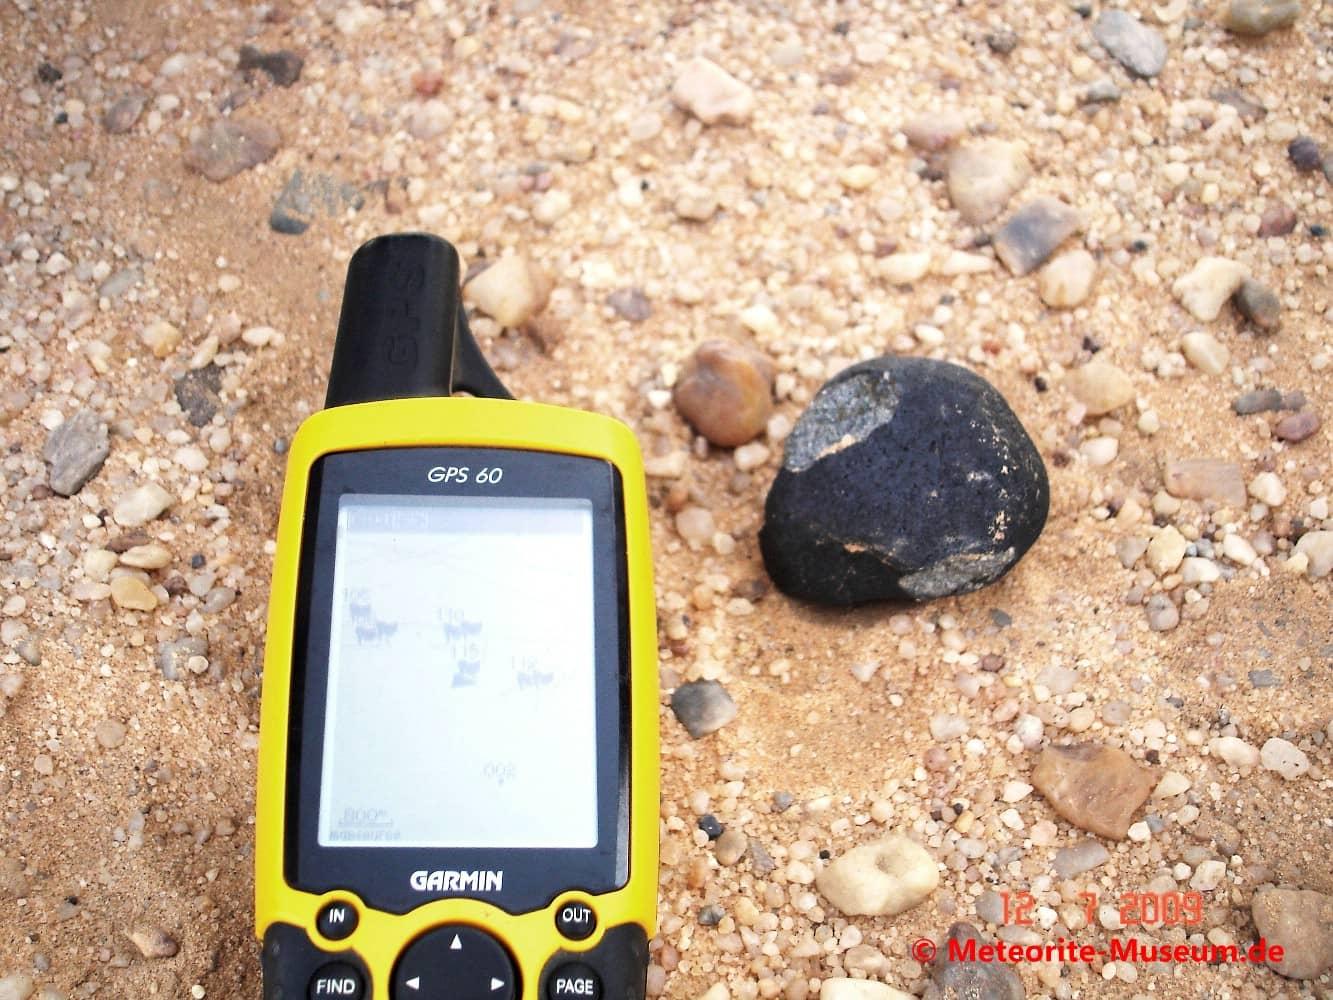 Schwarzer Almahata Sitta Individuum Meteorit mit teilweise abgeplatzter Schmelzkruste neben GPS-Gerät auf dem Wüstensandboden